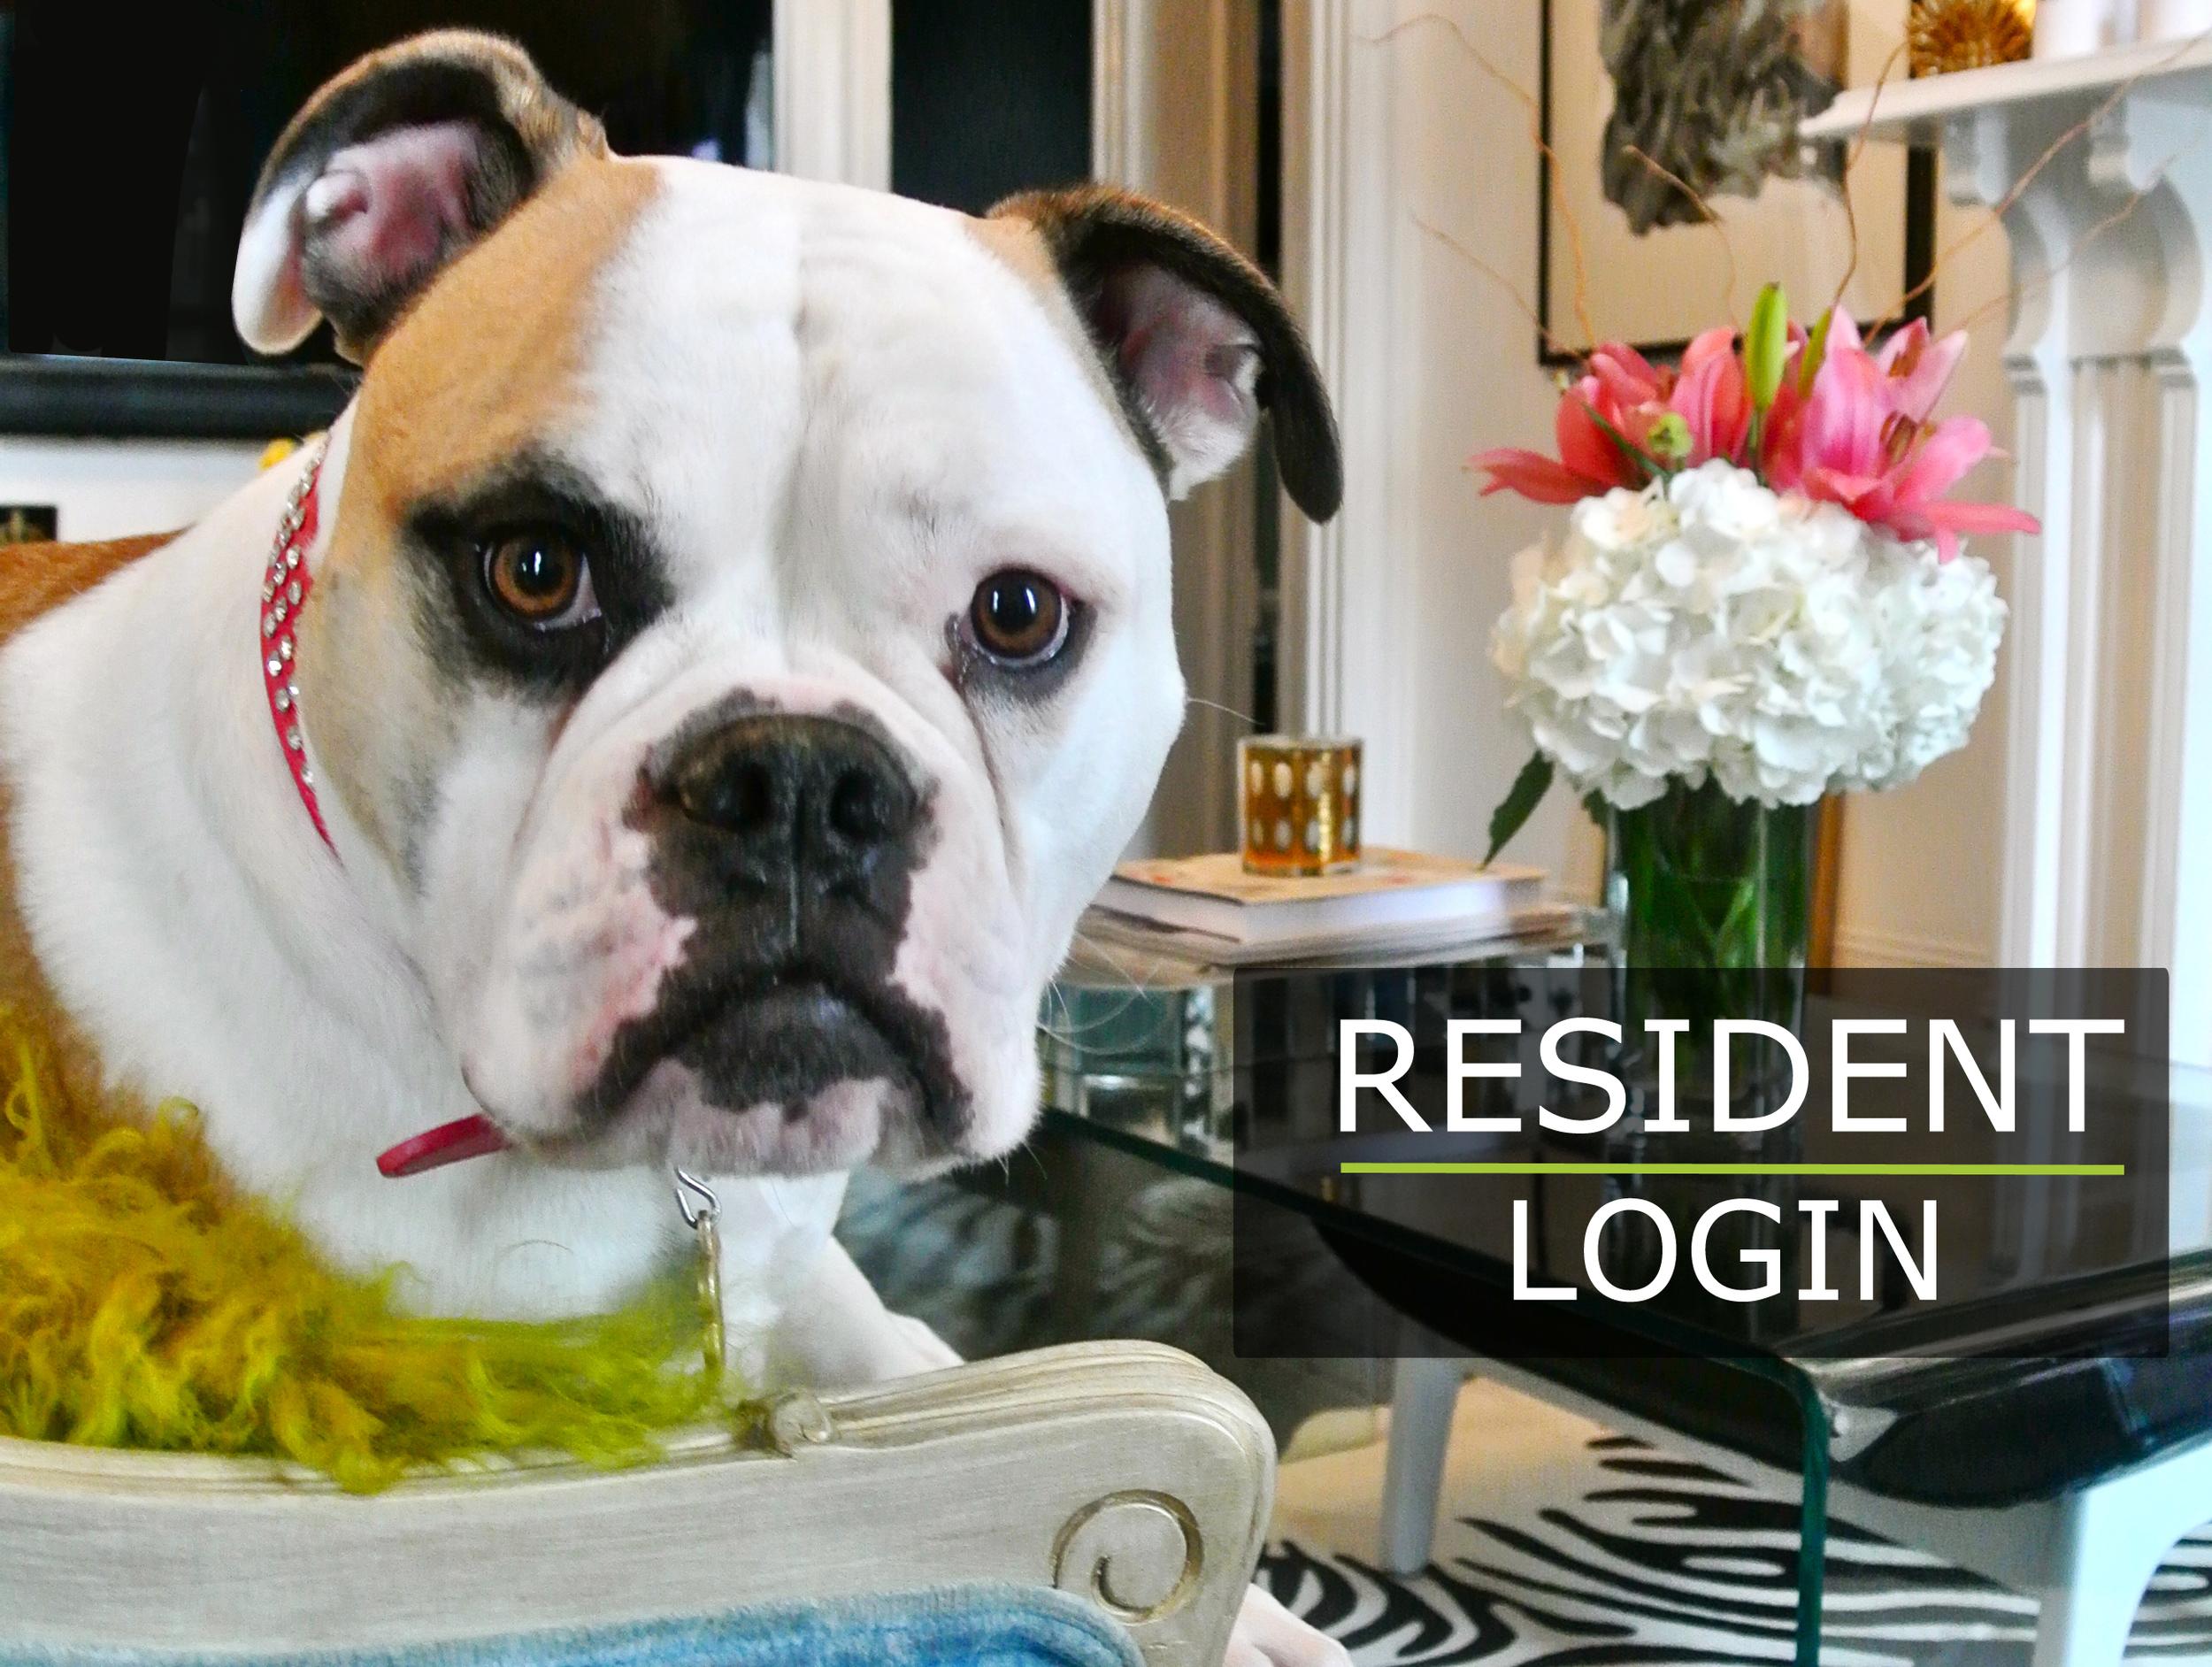 Resident-LogIn-Image.jpg